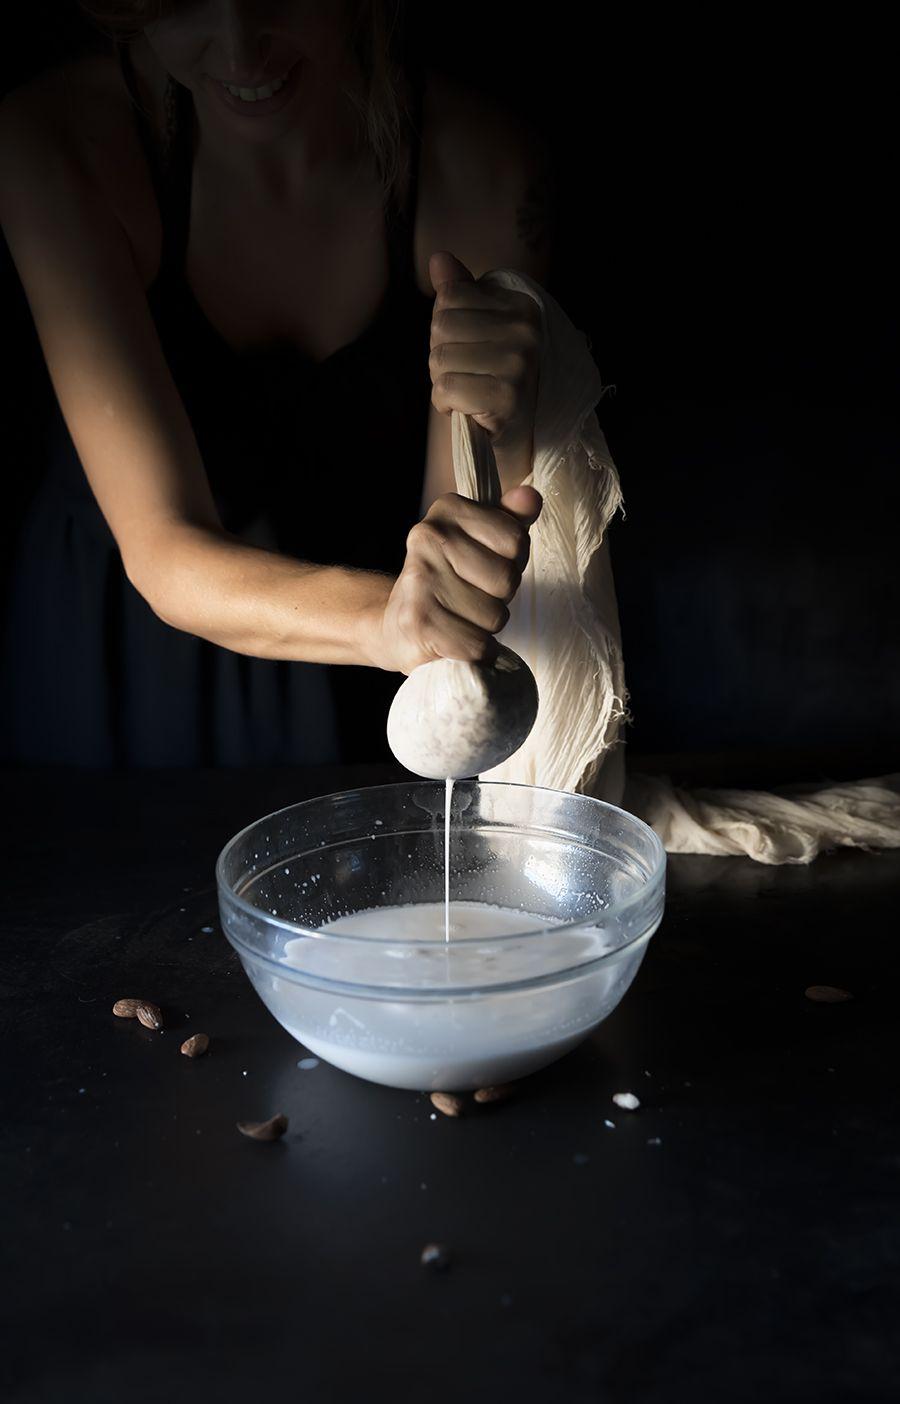 latte di mandorla homemade e coco pops,uan colazione sana e genuina che piacerà anche ai piccini. Homemade almond milk and cocoa puffs, a healthy breakfast